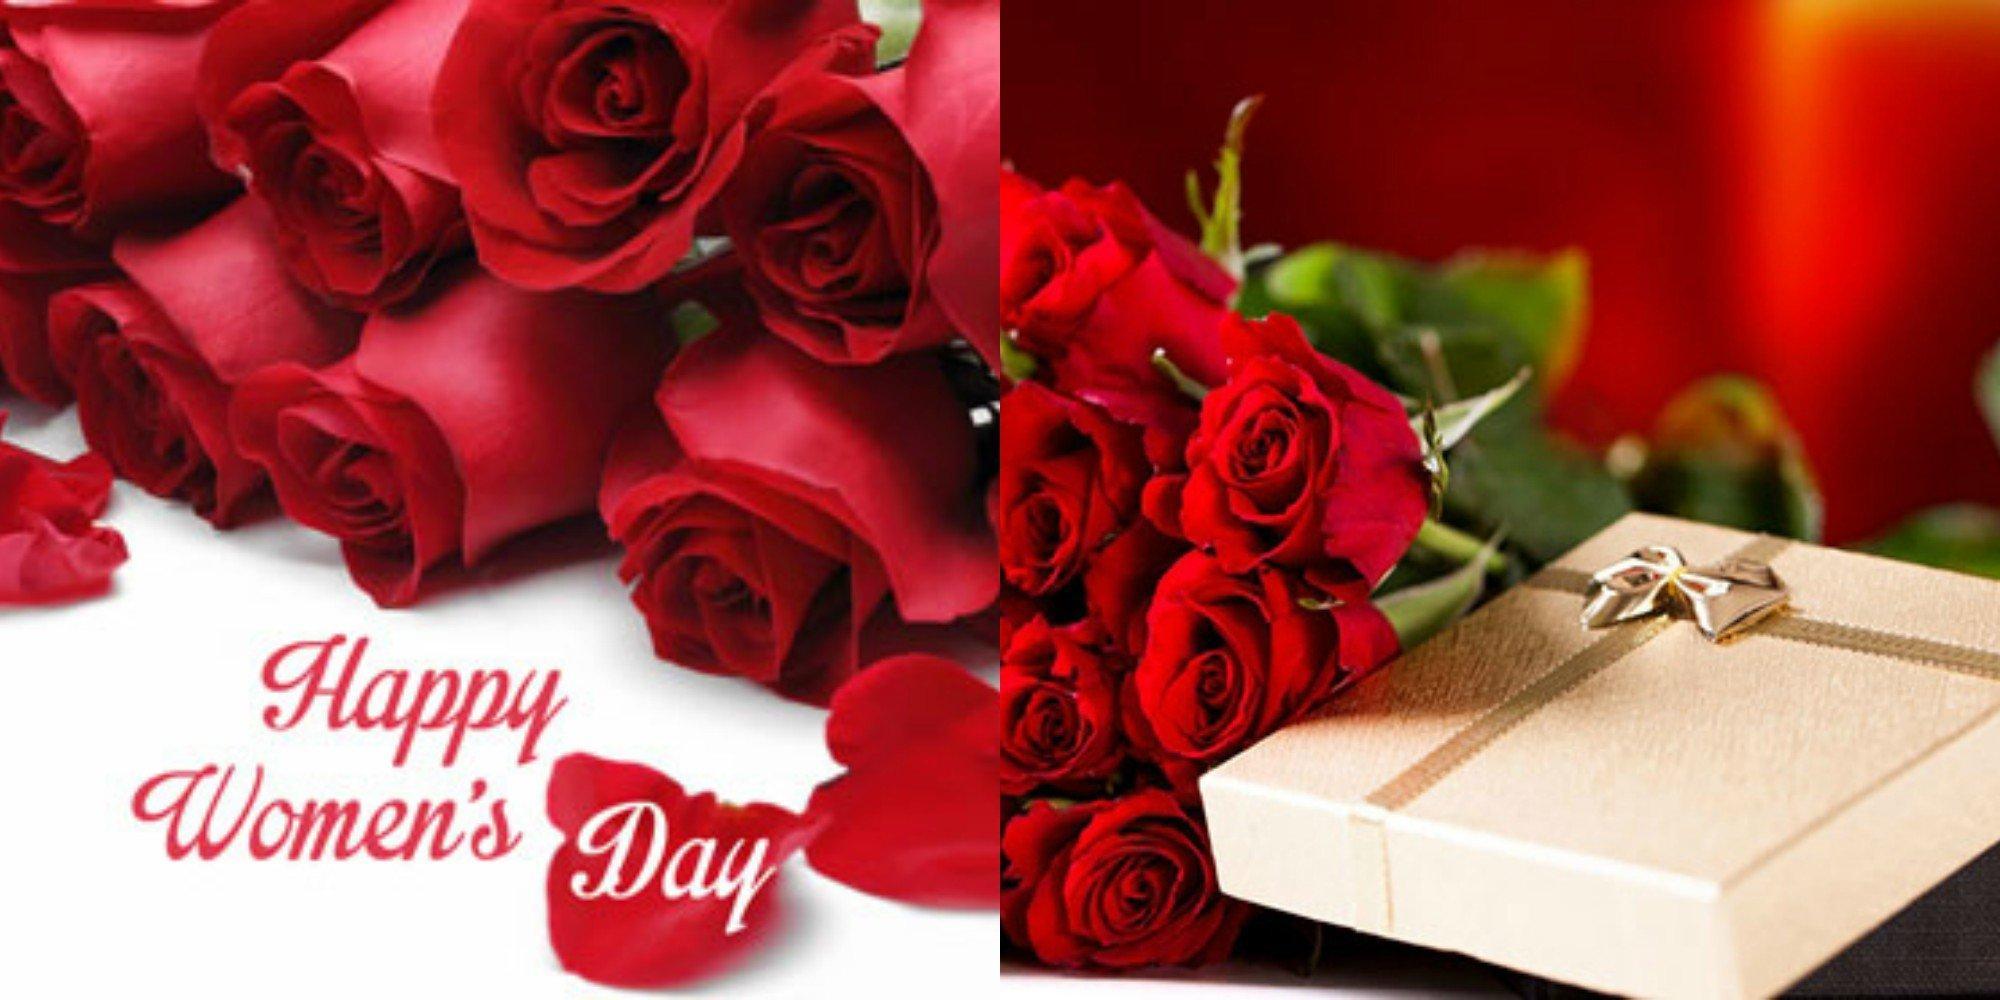 quà tặng ngày quốc tế phụ nữ